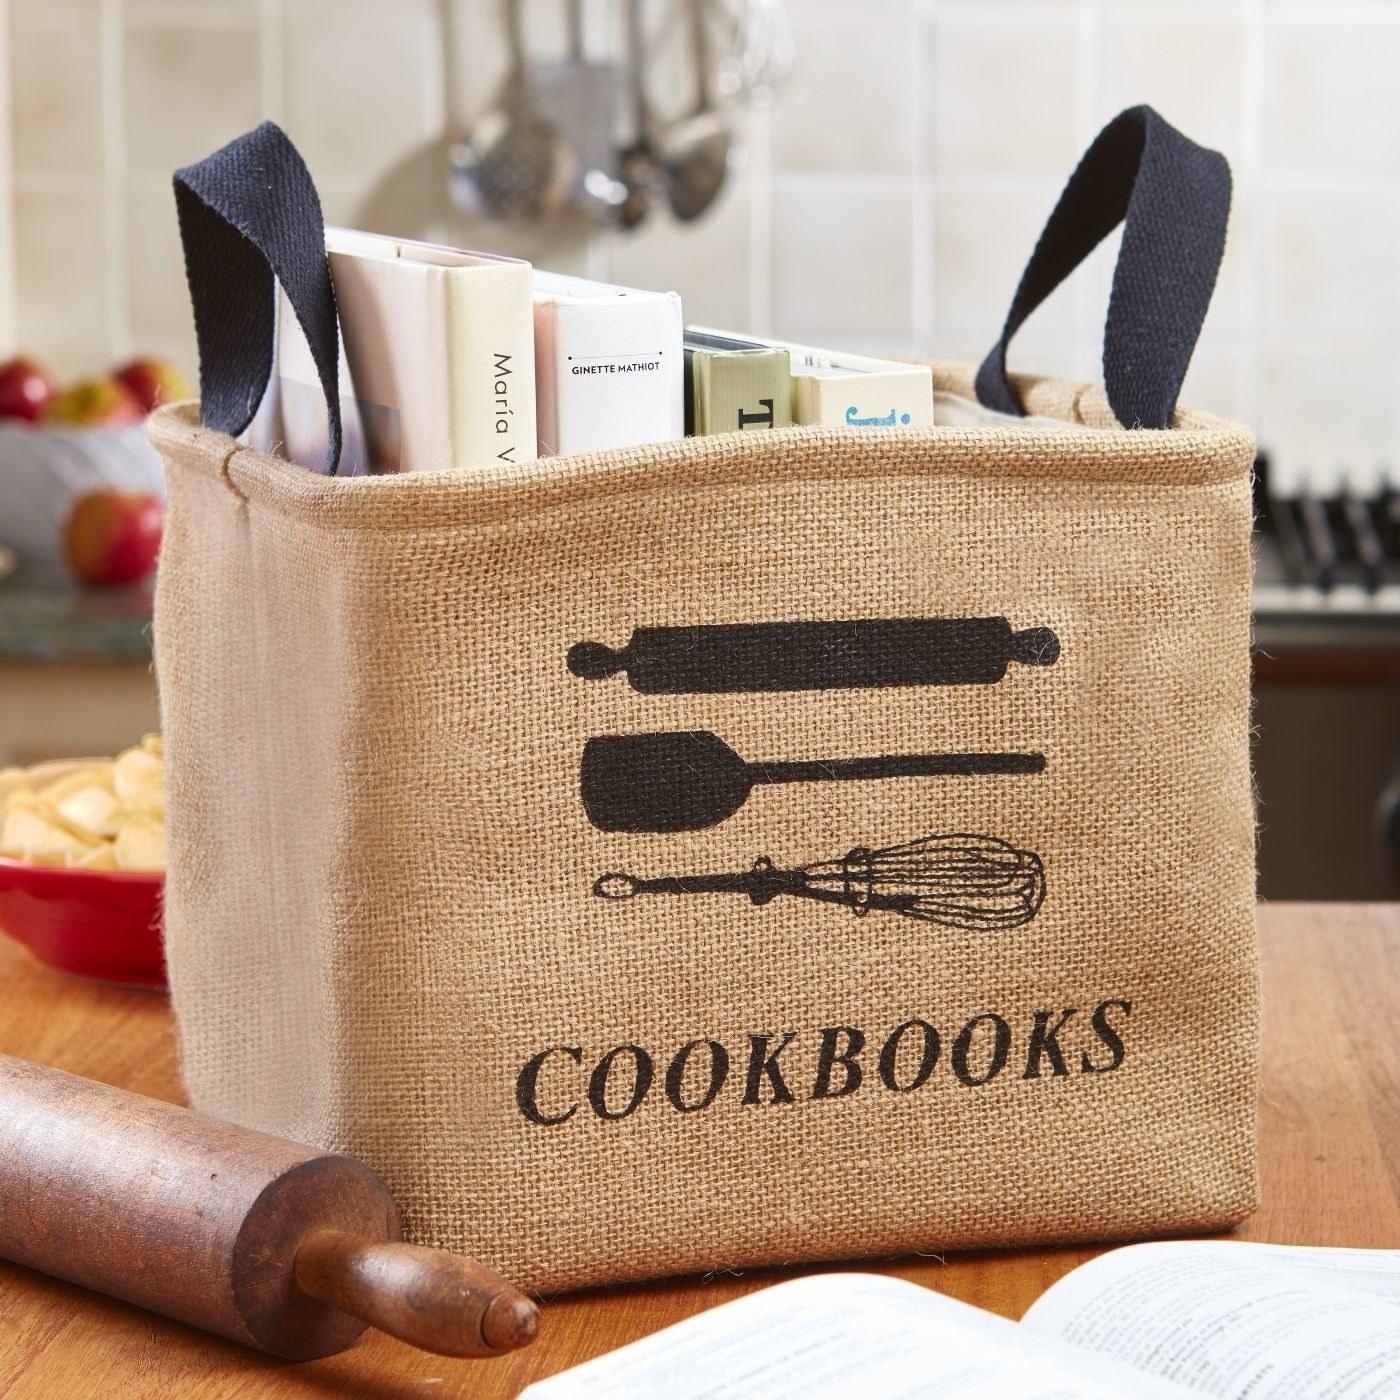 Beige cookbook basket with black details and black handles